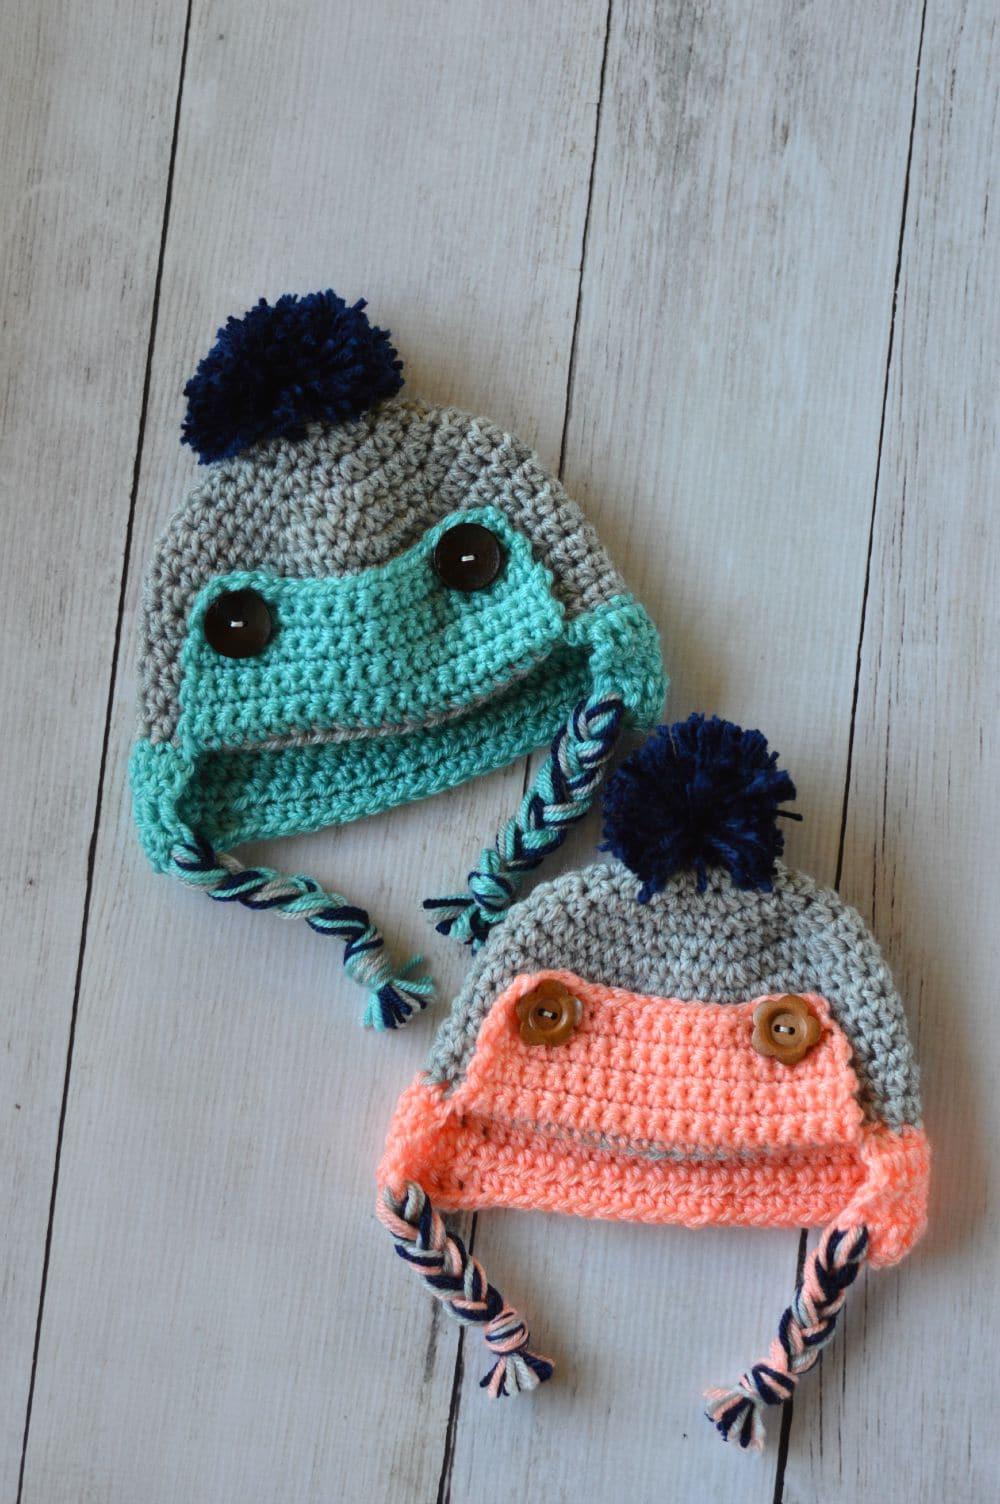 Baby Crochet Trapper Hat - Free Crochet Pattern